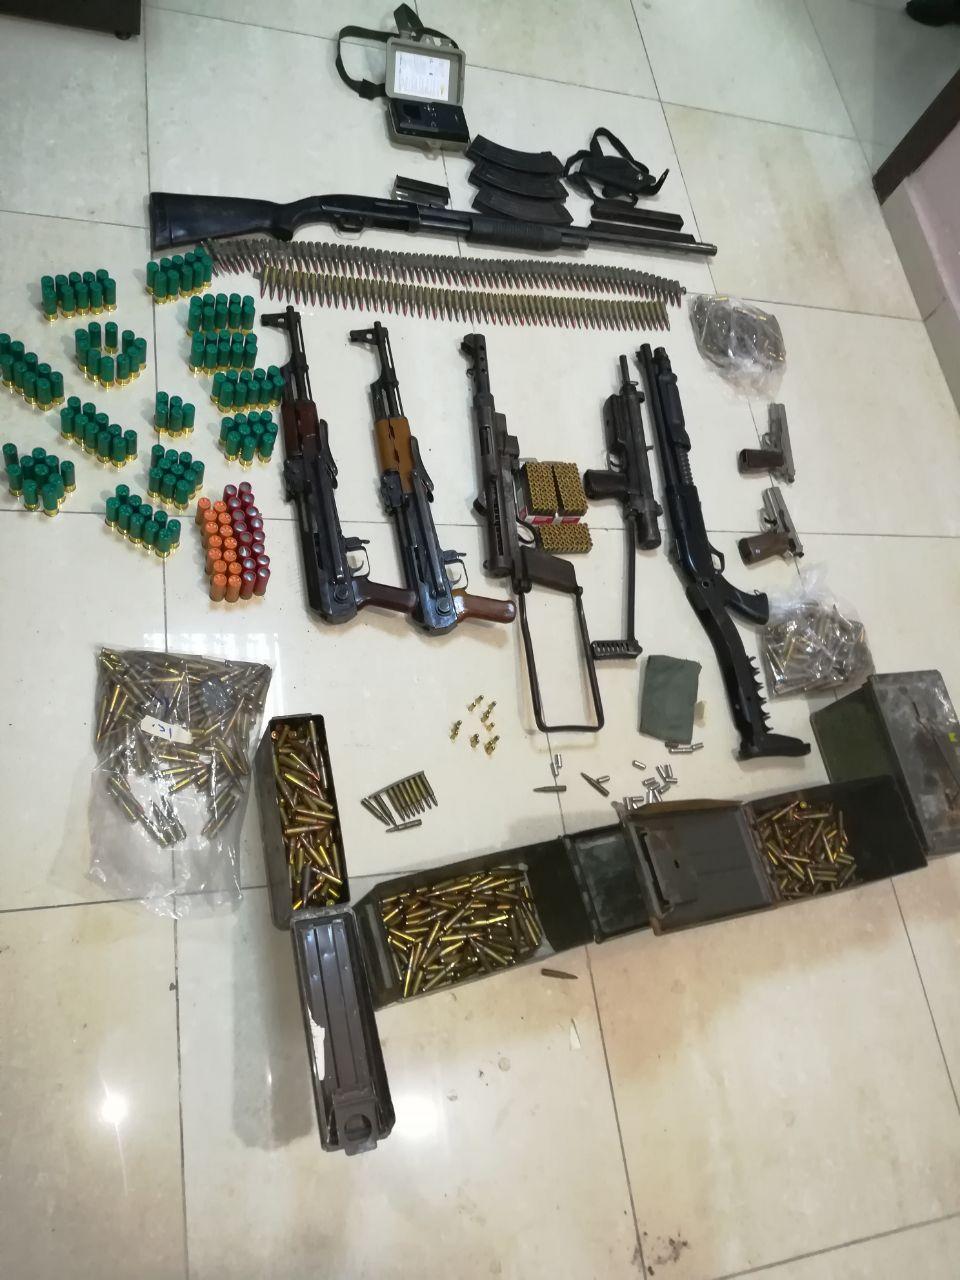 ضبط شخص يخبئ أسلحة أوتوماتيكية وذخائر بمنزله في إربد